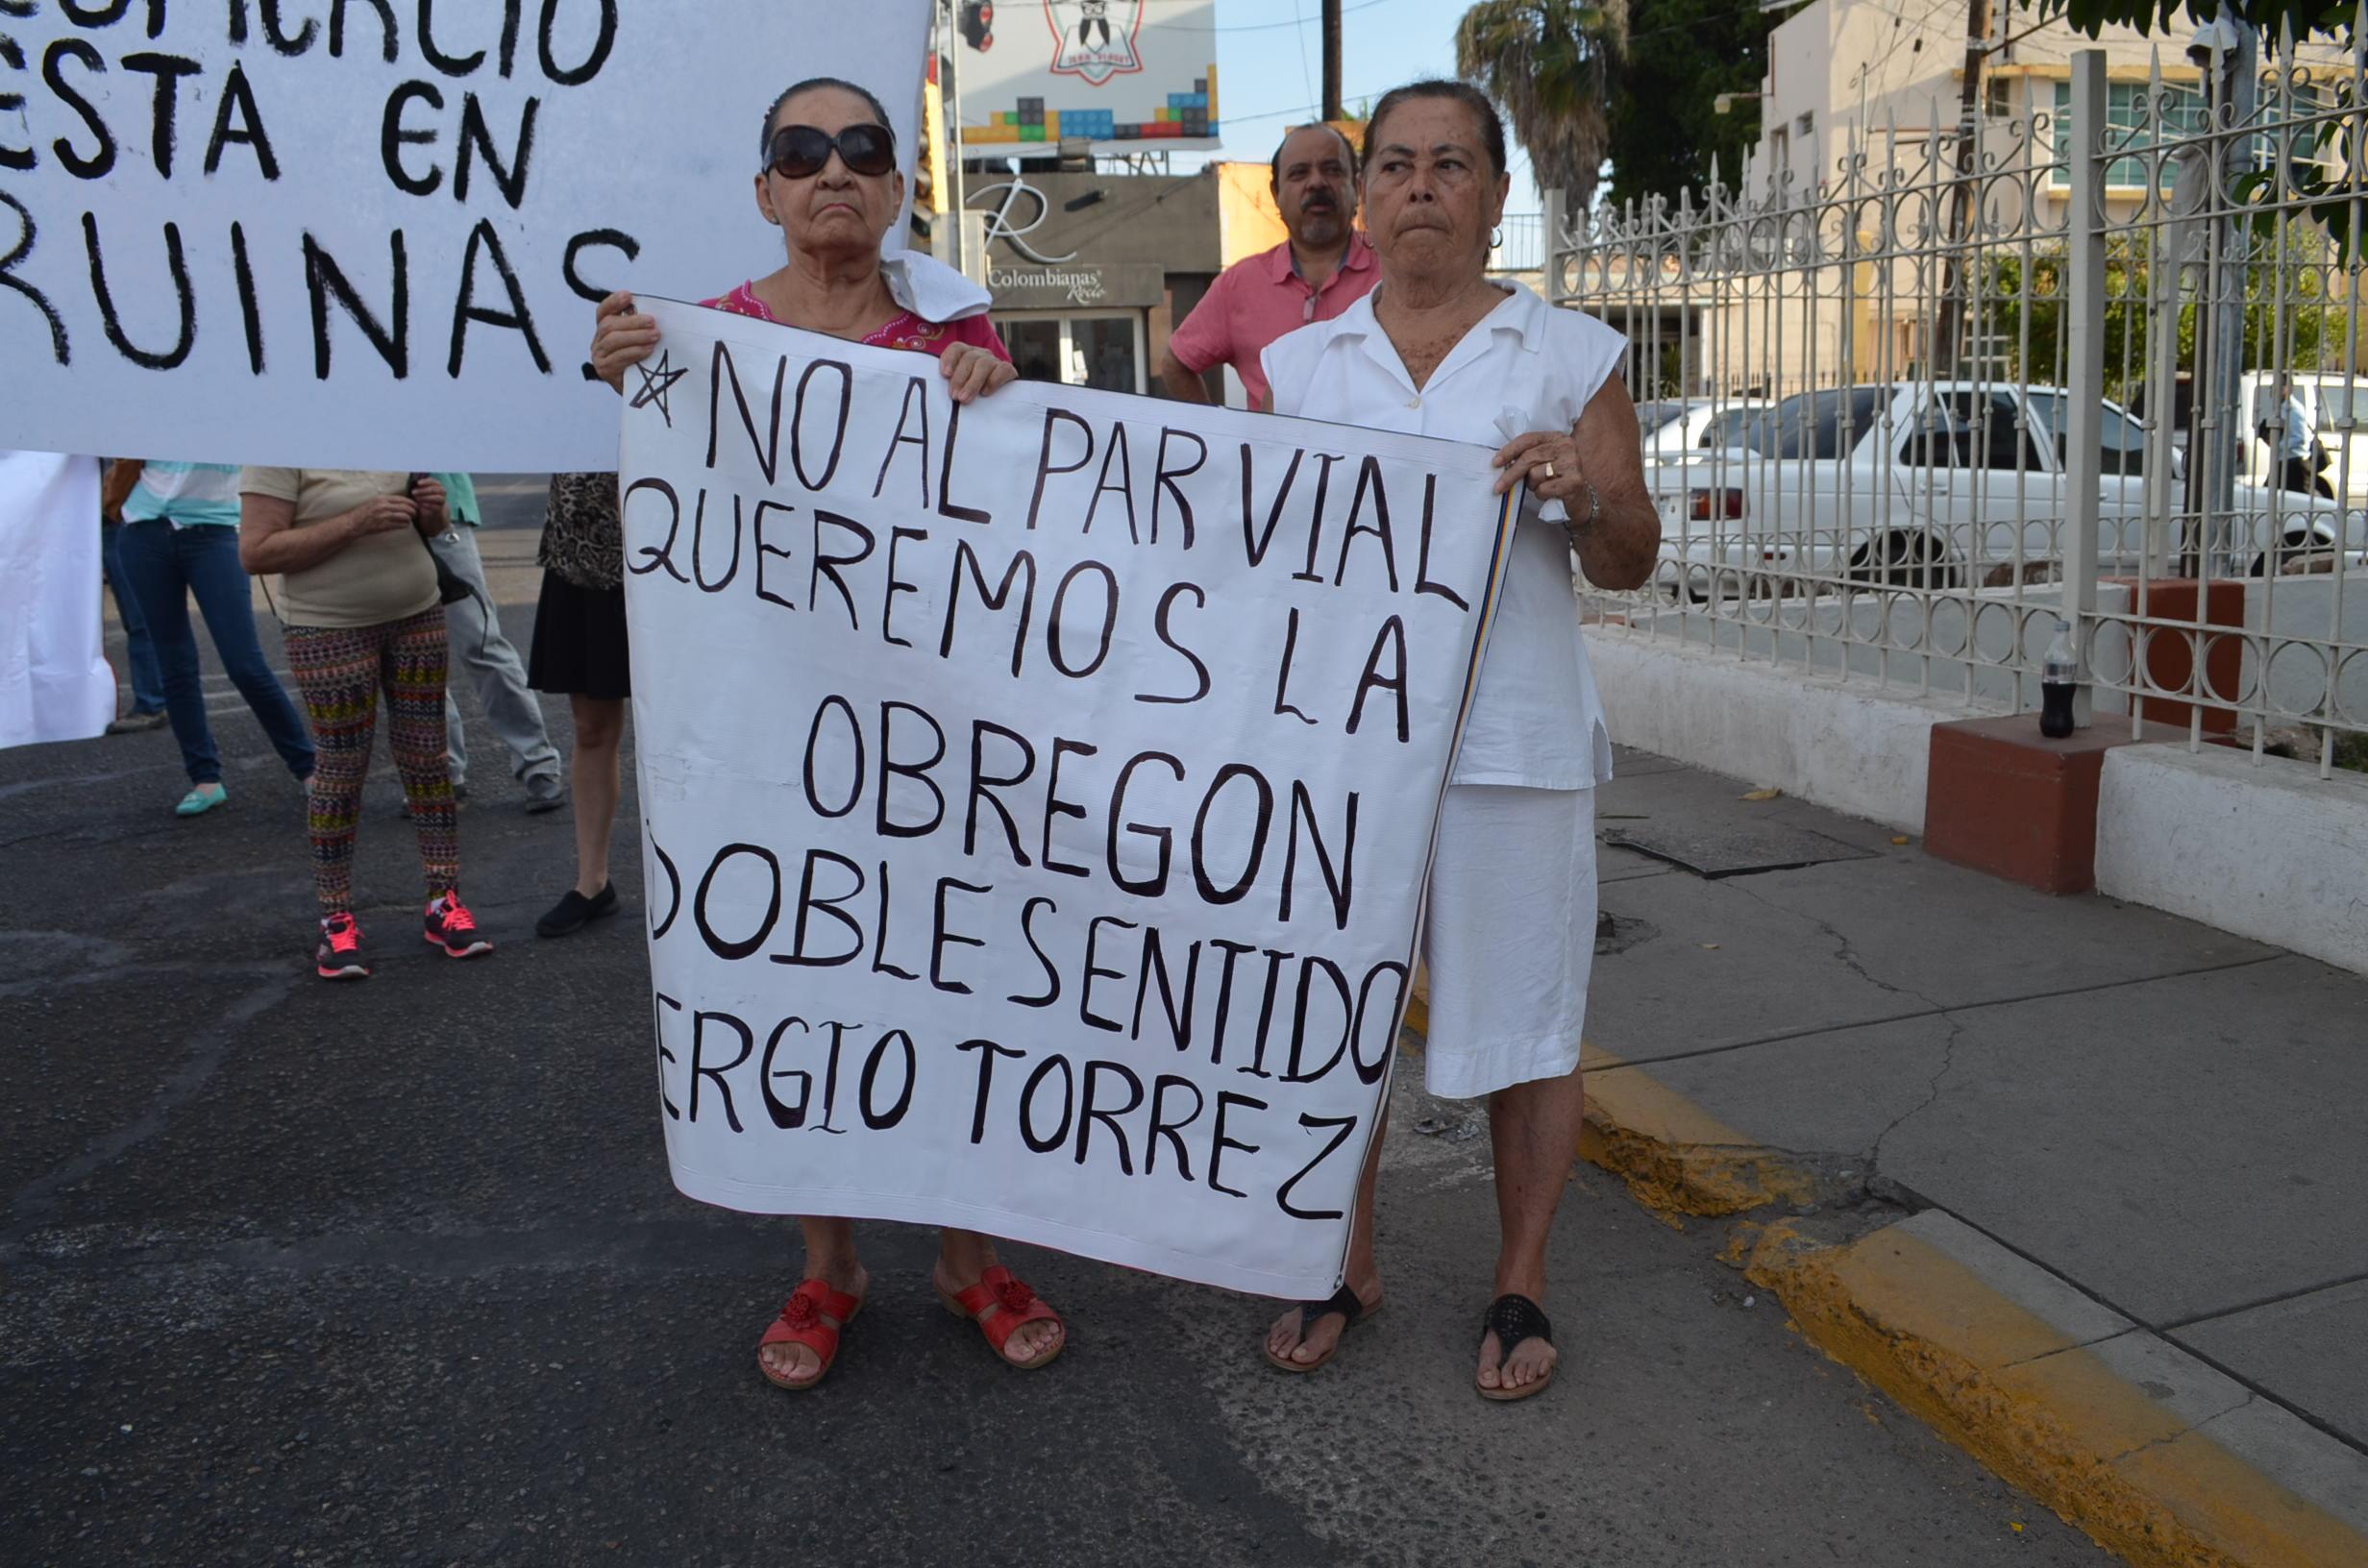 Responsabilizan al alcalde de una mala planeación urbana.  Fotografía: Gabriela Sánchez